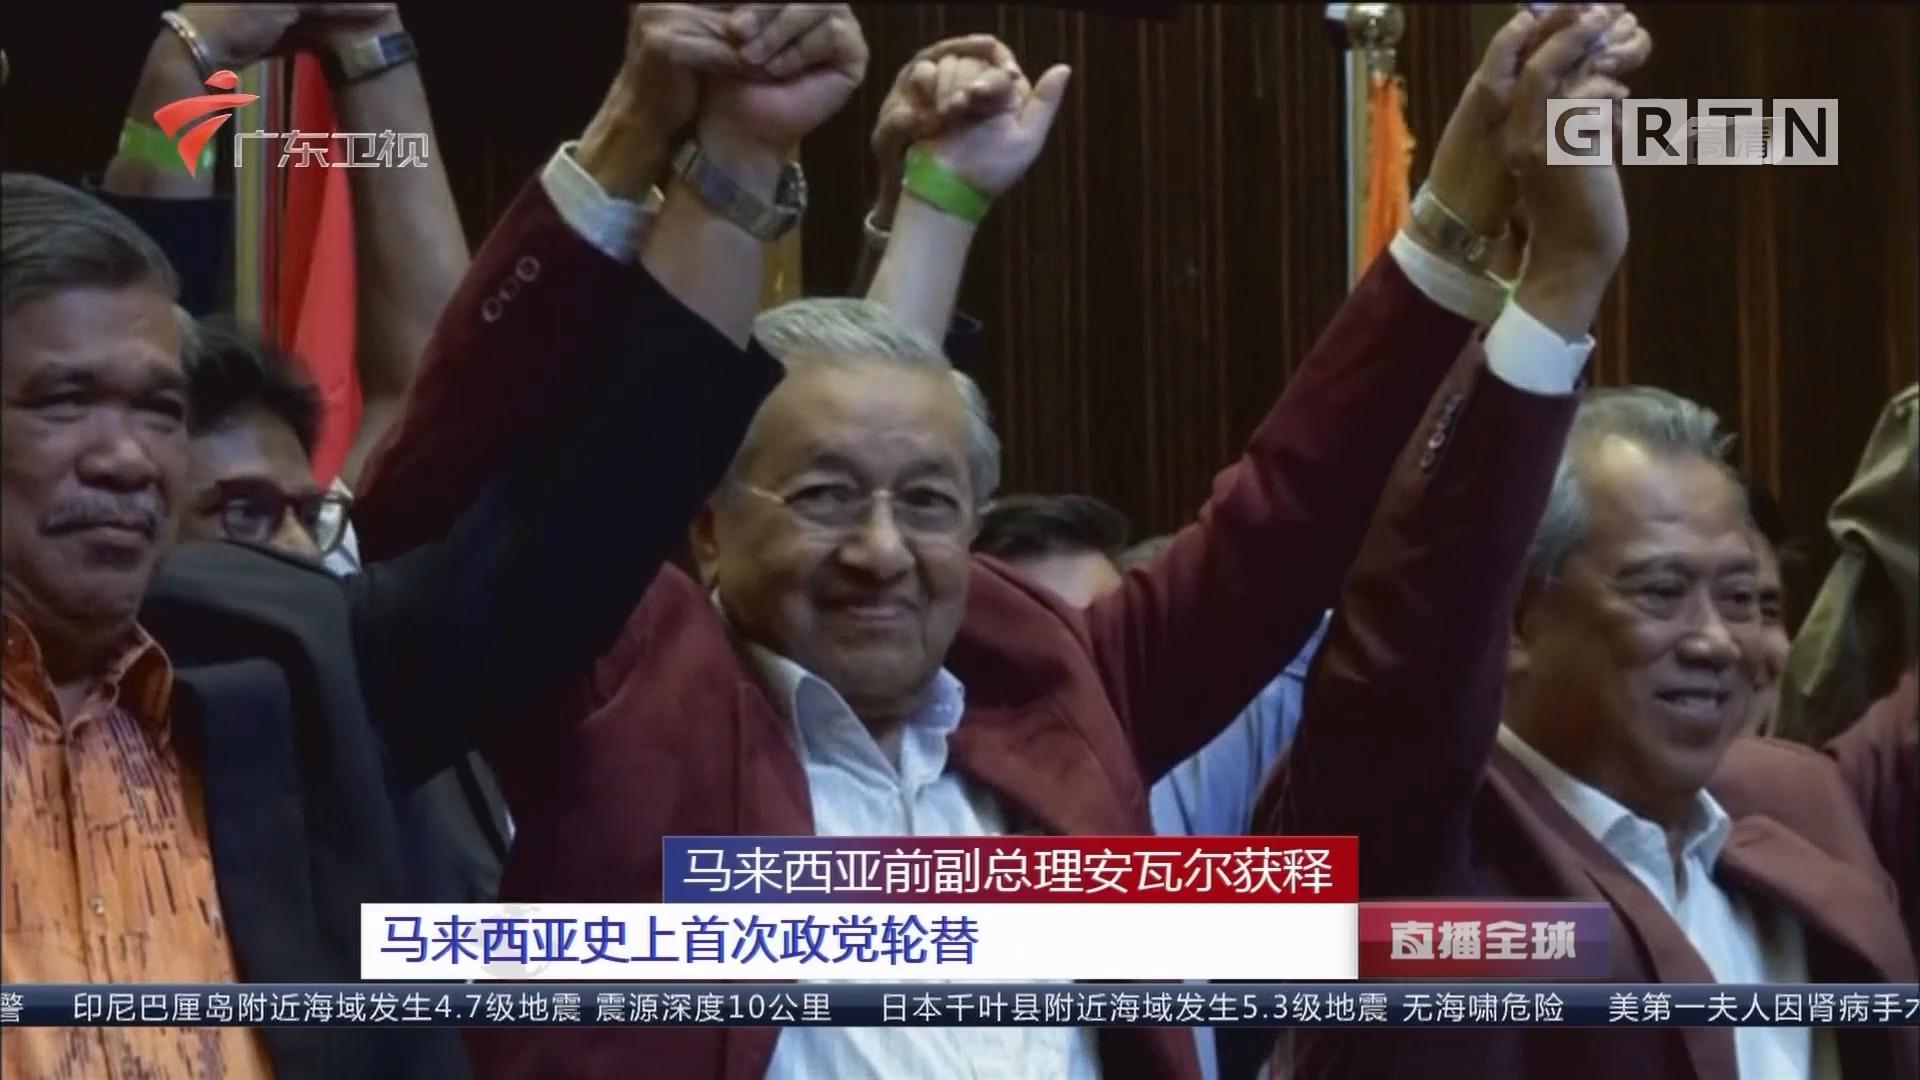 马来西亚前副总理安瓦尔获释:两年后或将接班马哈蒂尔